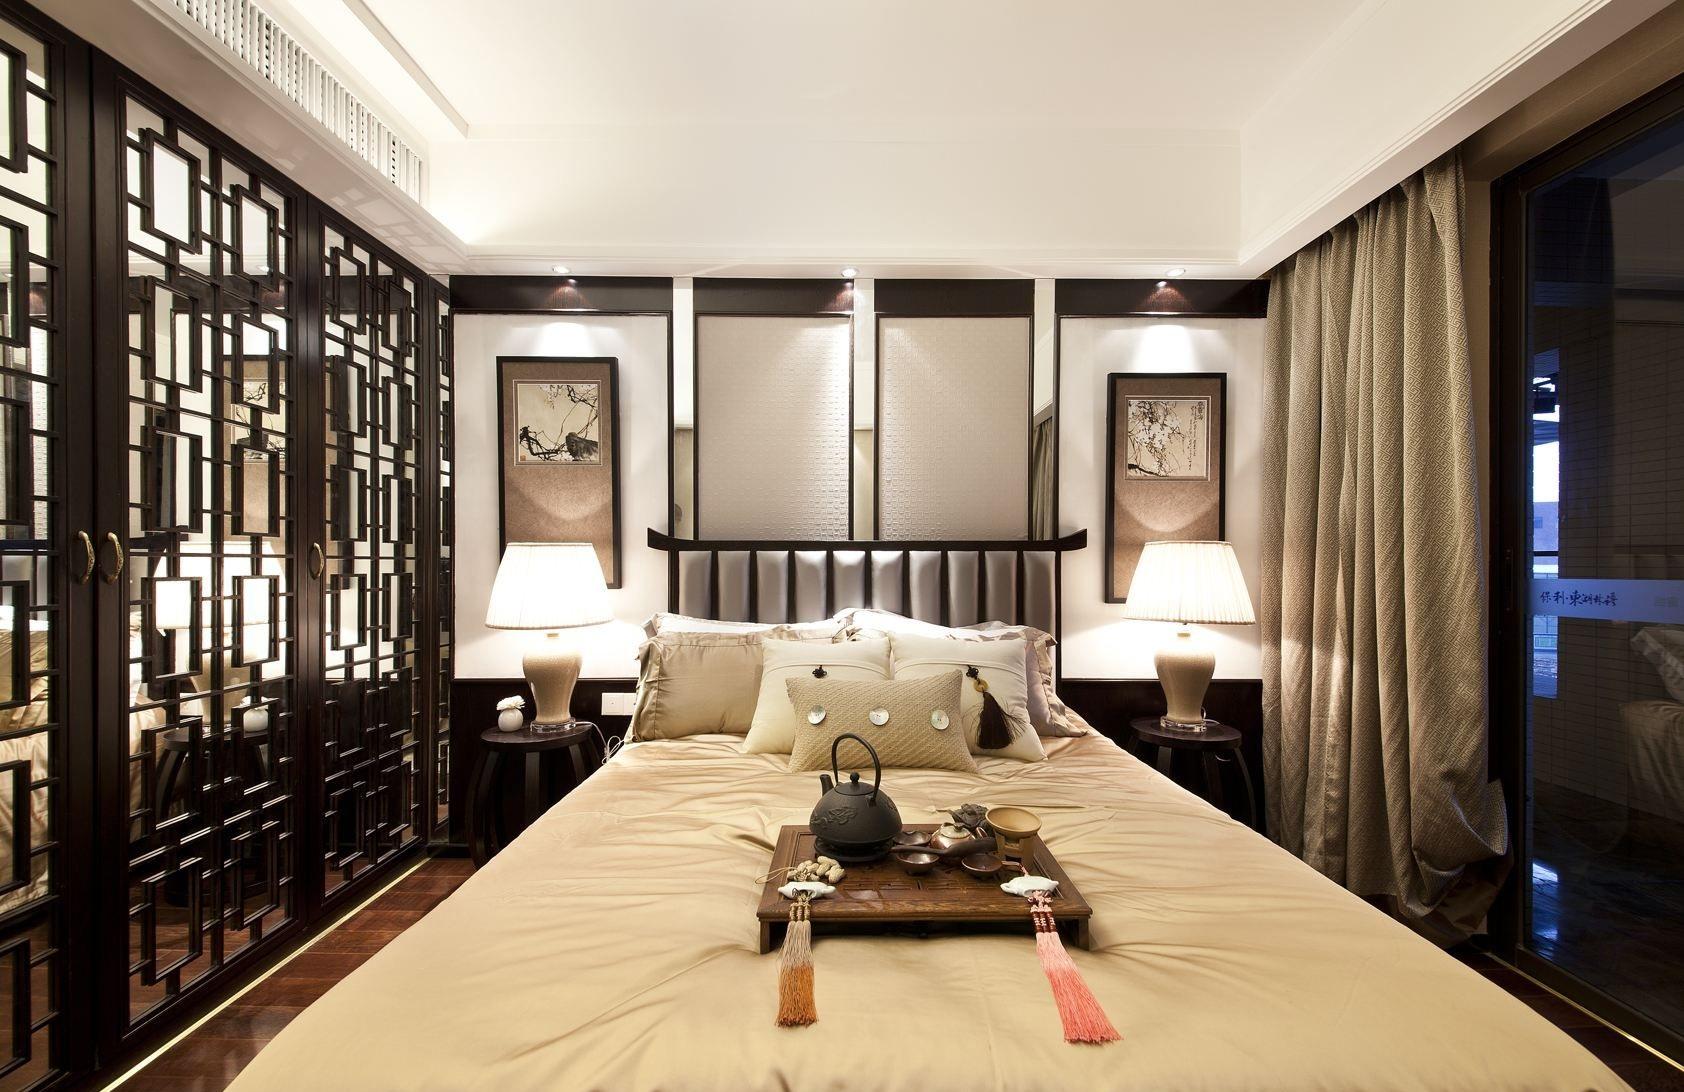 卧室以米色漆和驼色菱形软包来营造空间的淡暖,让空间多了稳重和细腻